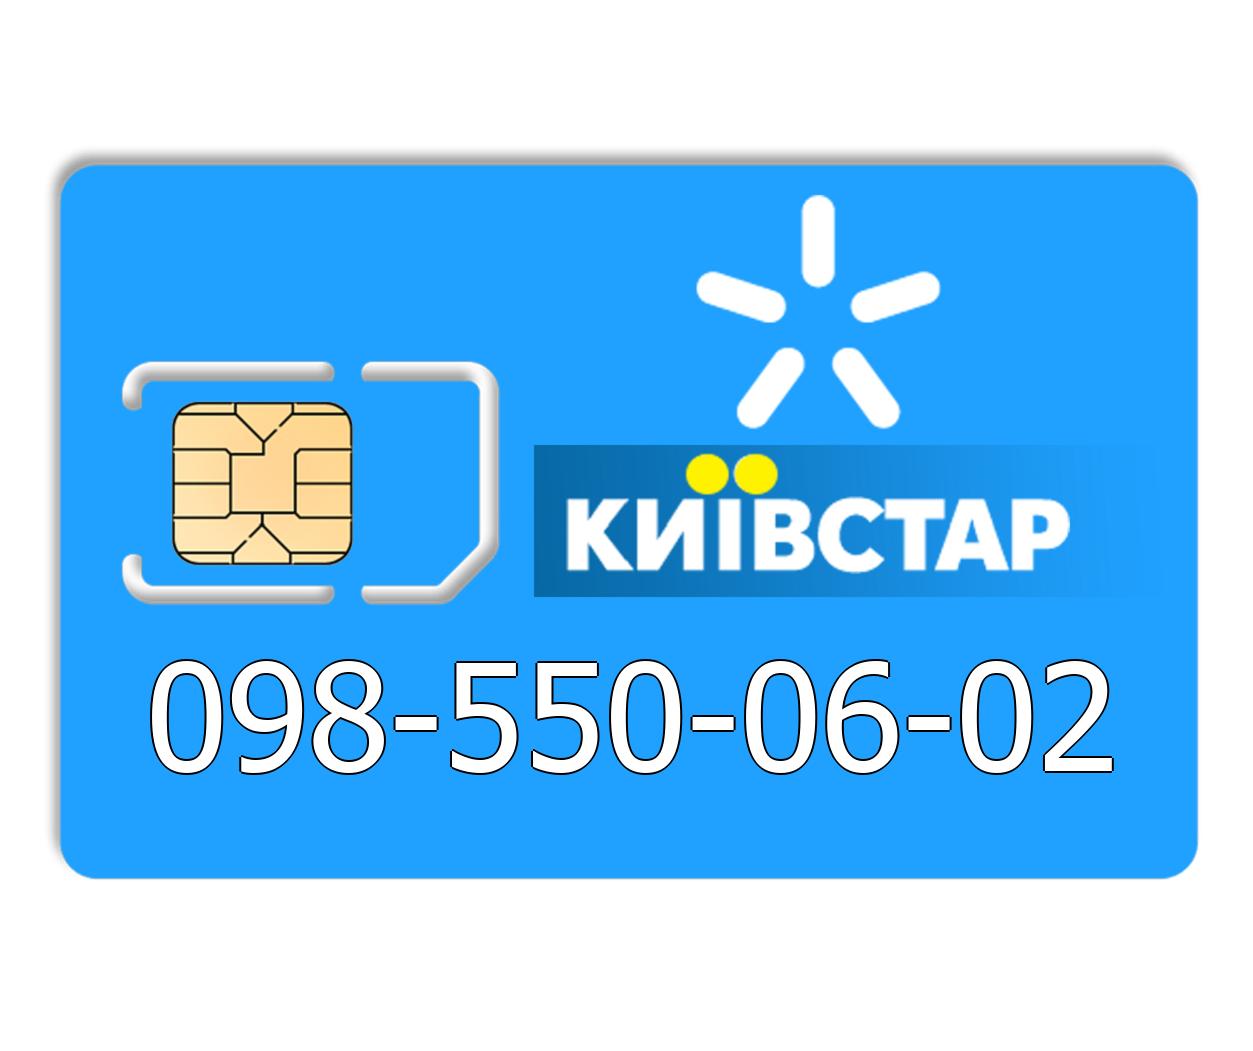 Красивый номер Киевстар 098-550-06-02